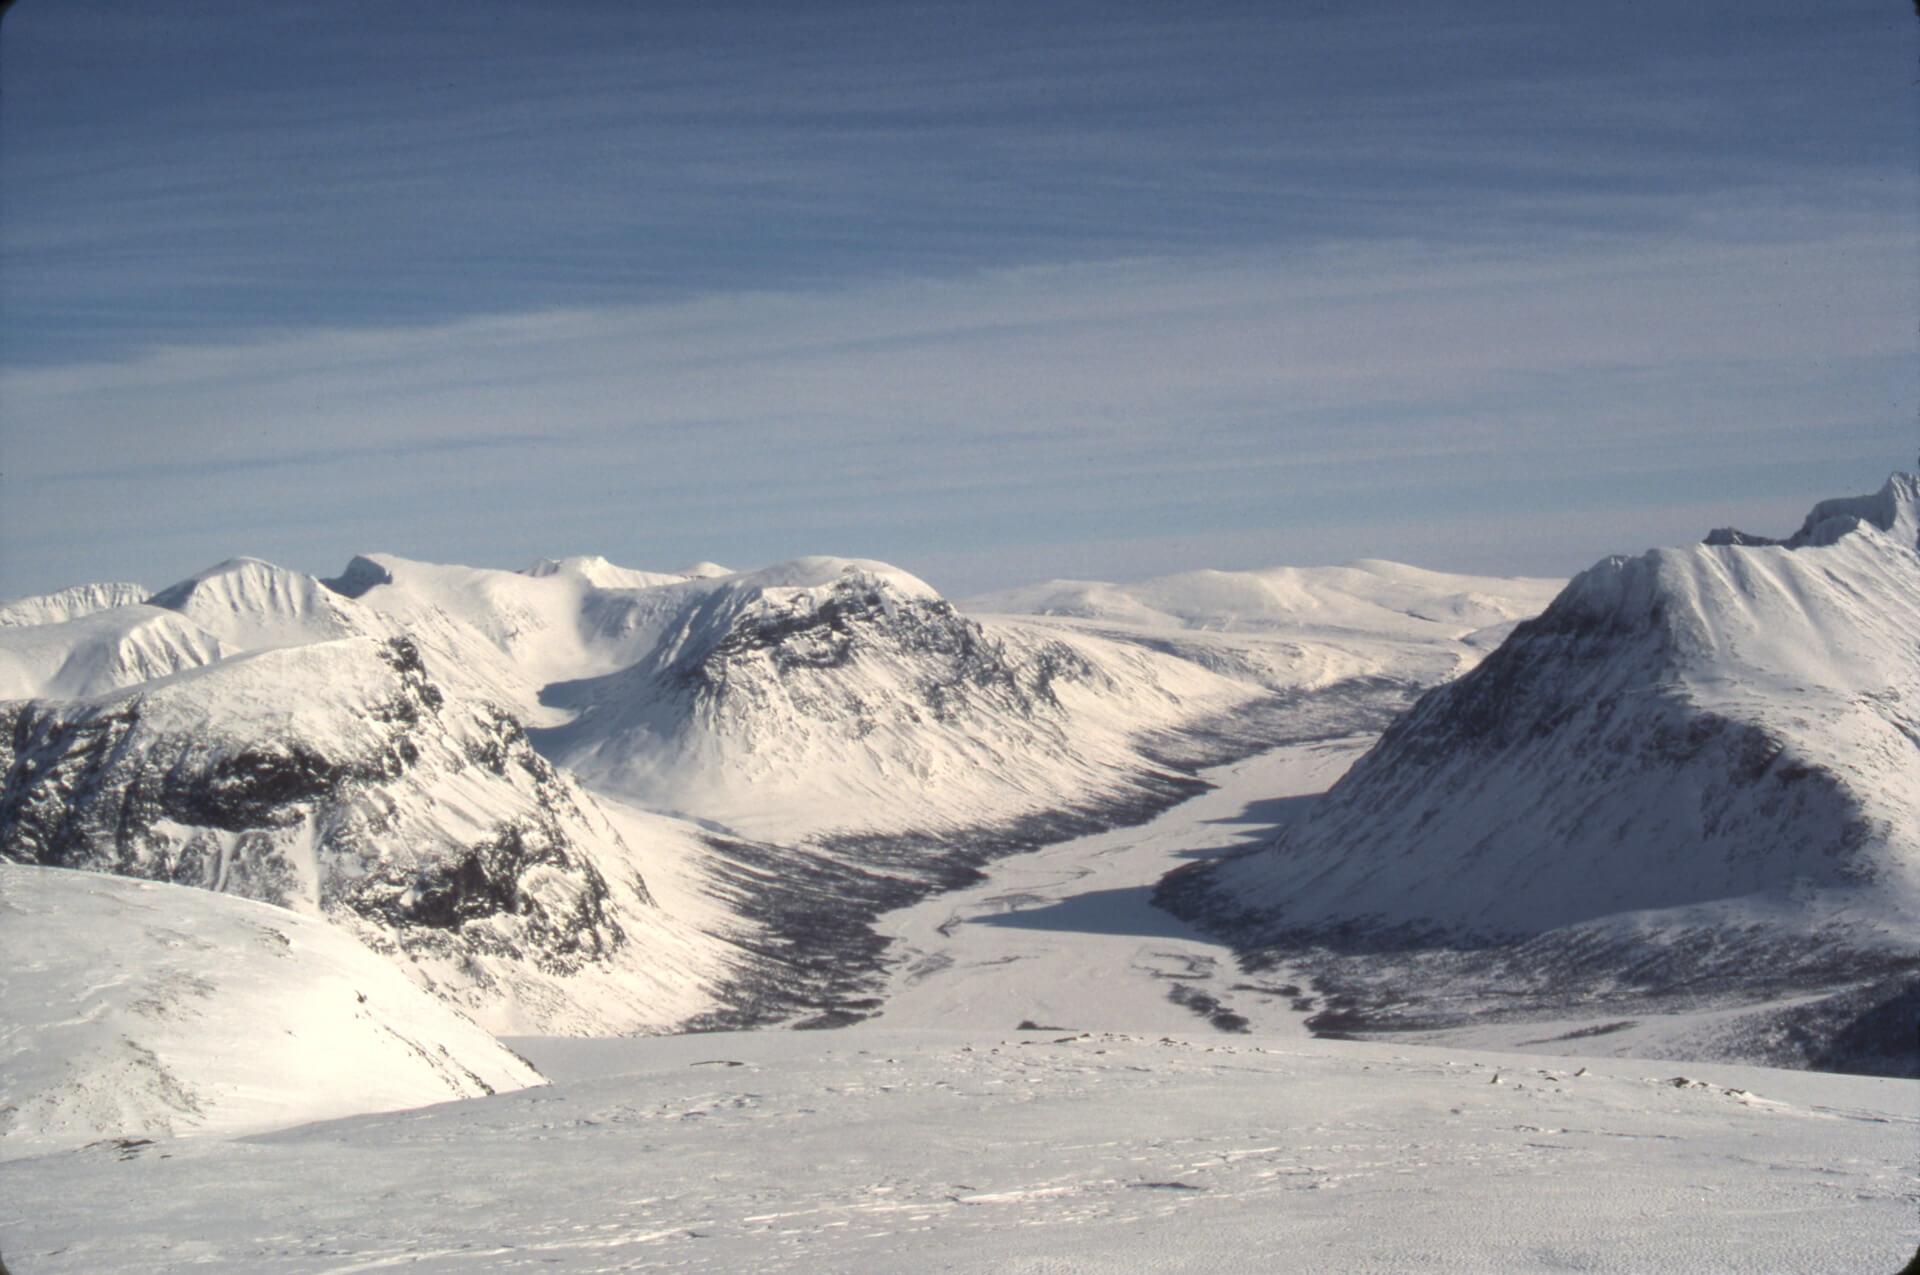 Vue sur la vallée de Rapa (Rapadalen) depuis le haut plateau de Luotto (Luottolako). 3 avril 1989.